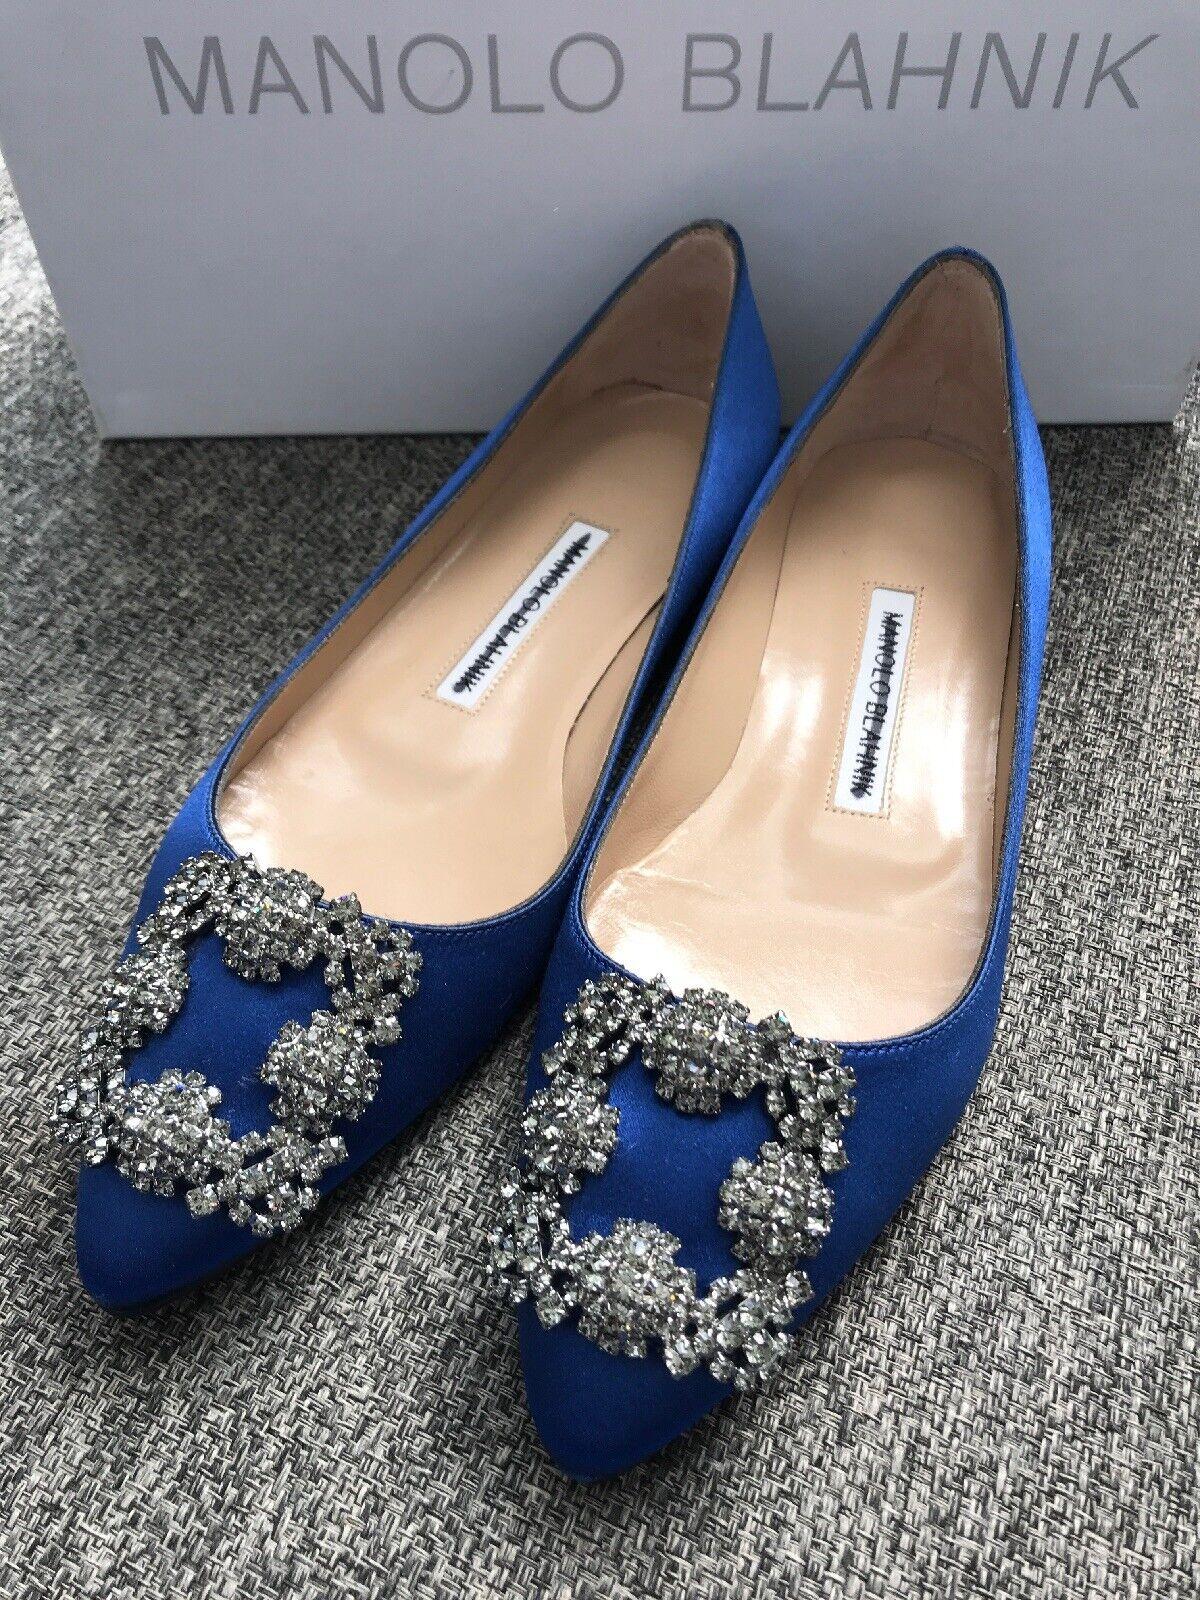 Manolo Blahnik hangisi tacones piedras preciosas, raso azul, Ballet americano 5,5 - 35,5